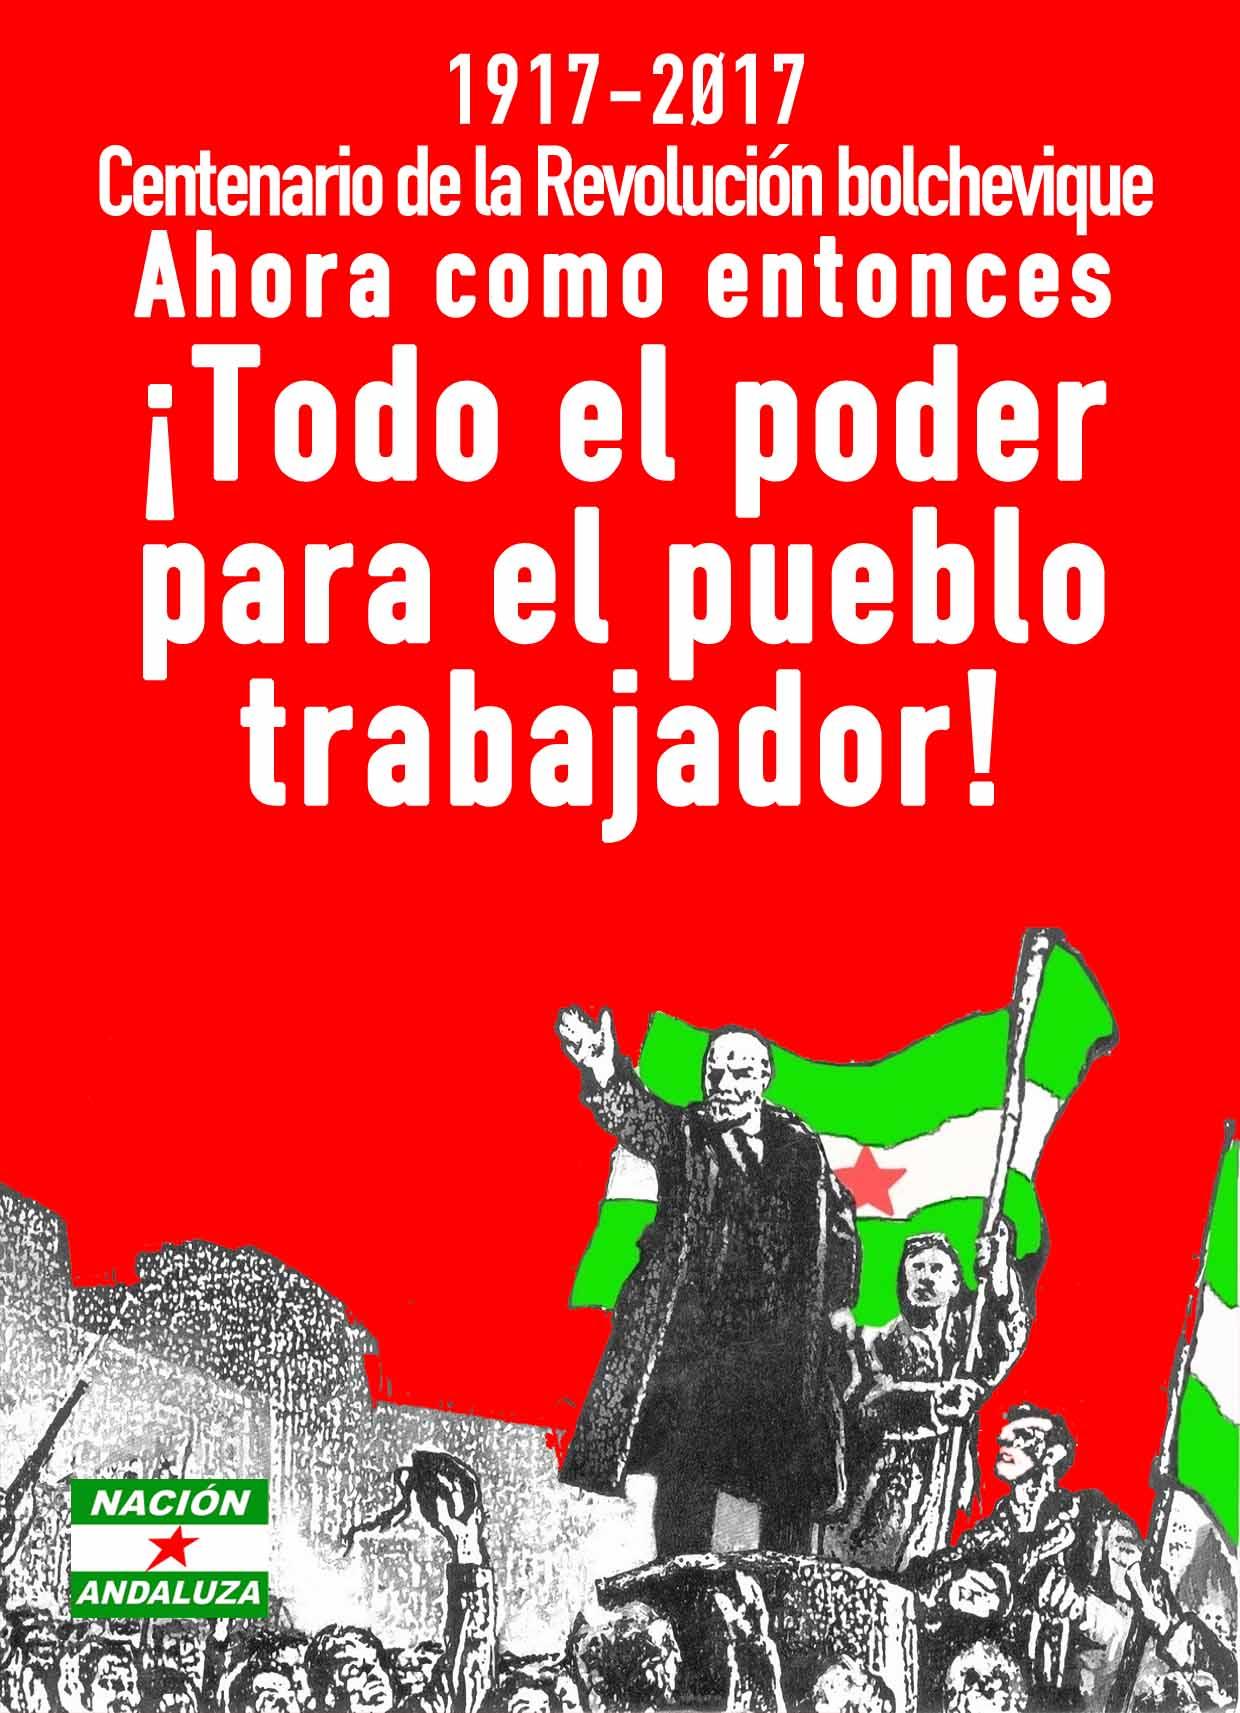 (Comunicado conjunto) La Revolución Bolchevique nos marca el camino en la necesidad del internacionalismo proletario y de la vía revolucionaria